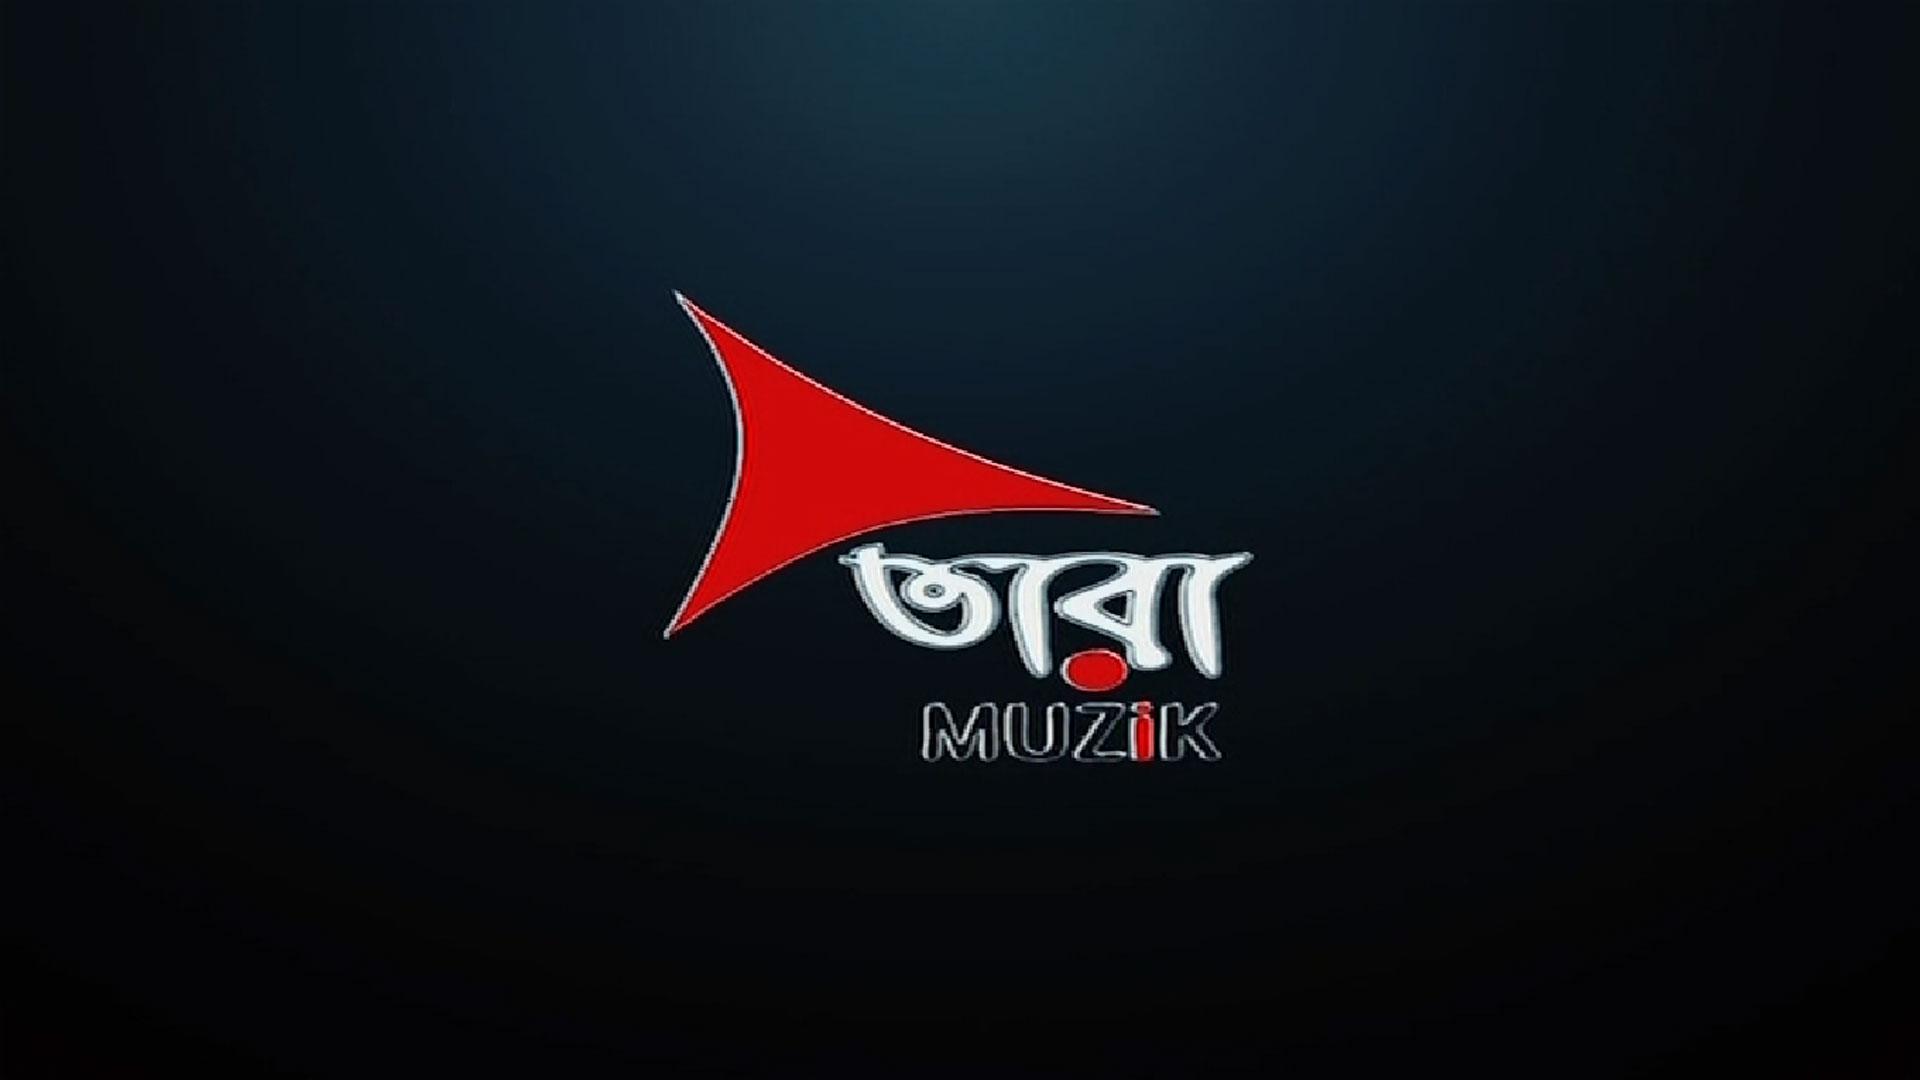 Frekuensi siaran Tara Muzik di satelit AsiaSat 5 Terbaru